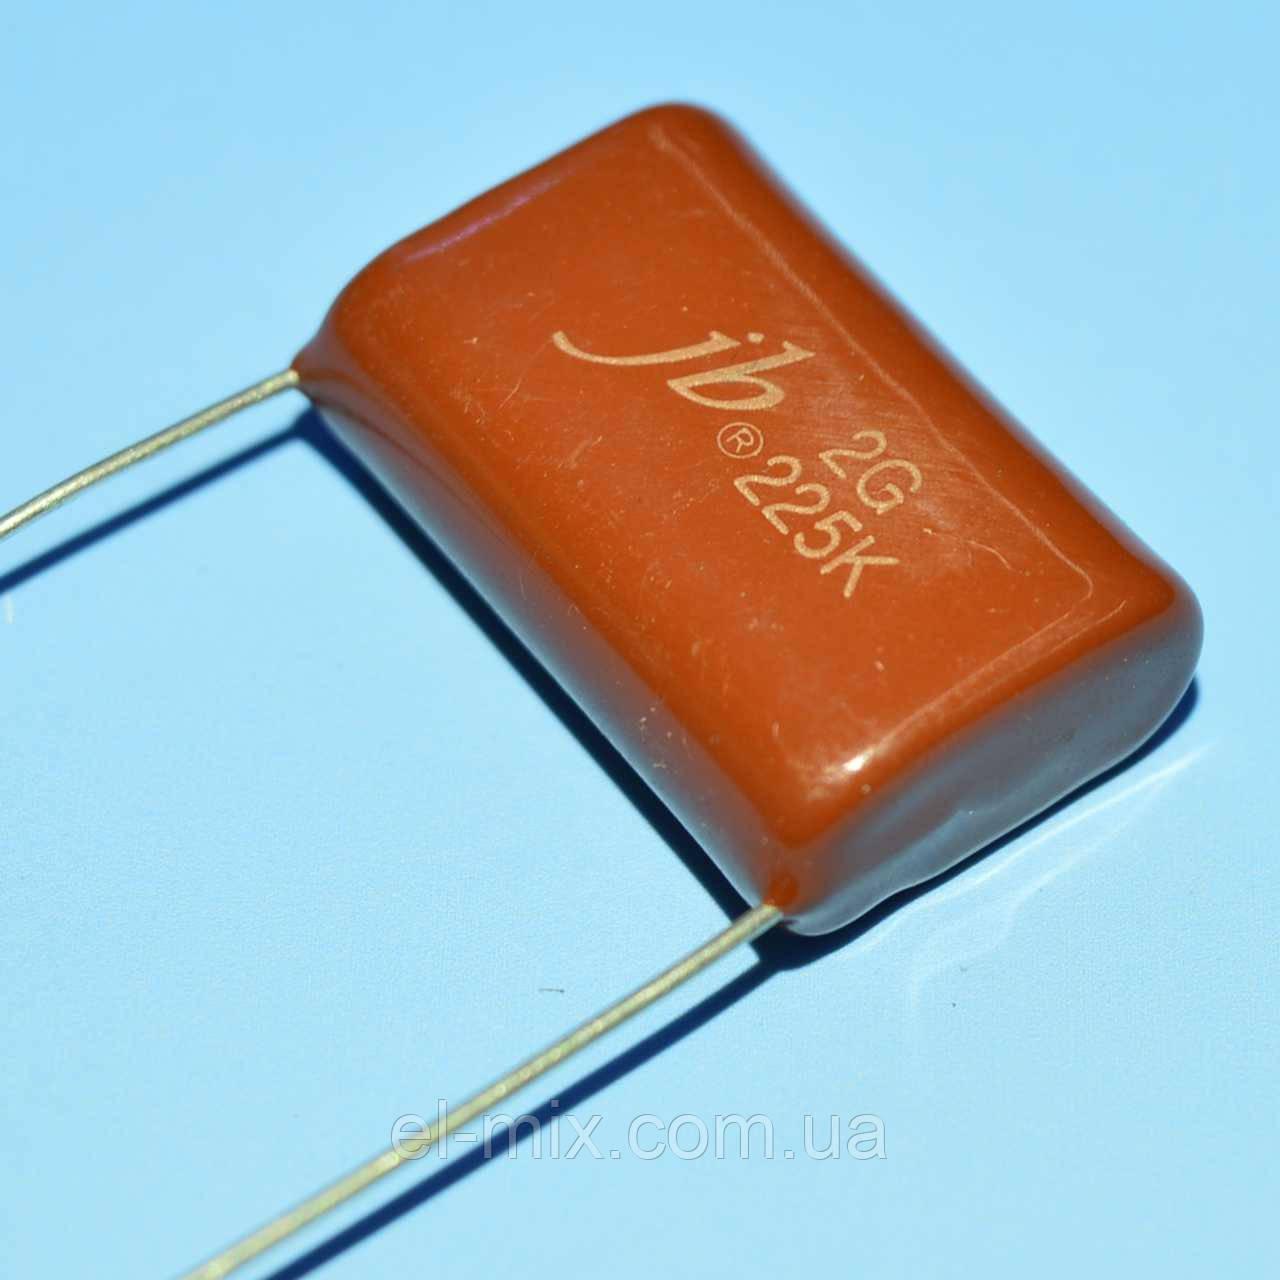 Конденсатор металлопленочный CL-21 2.2µF 400VDC ±10%  JB